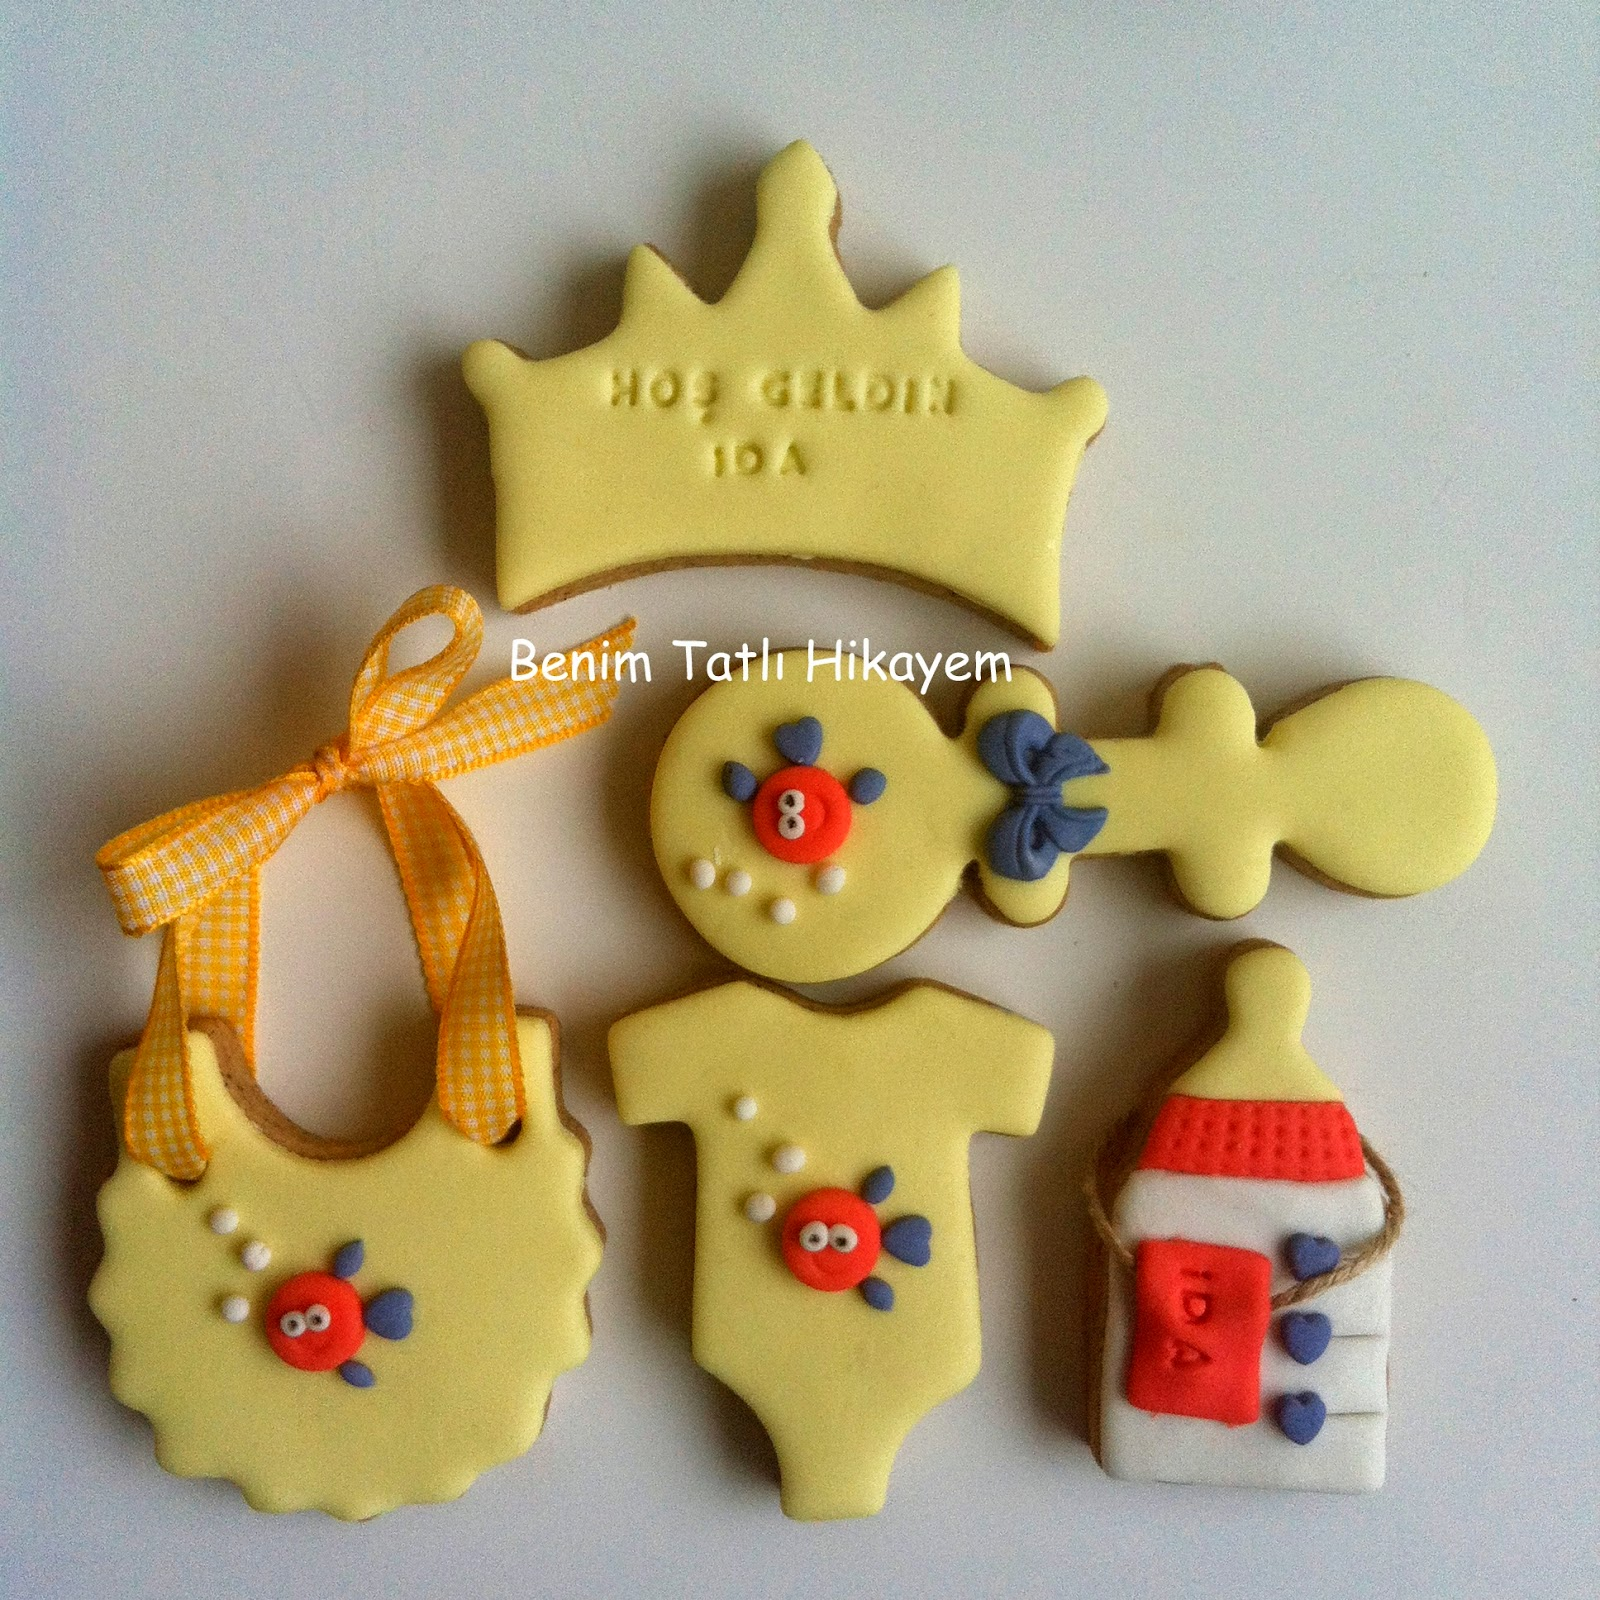 kız bebek kurabiyesi